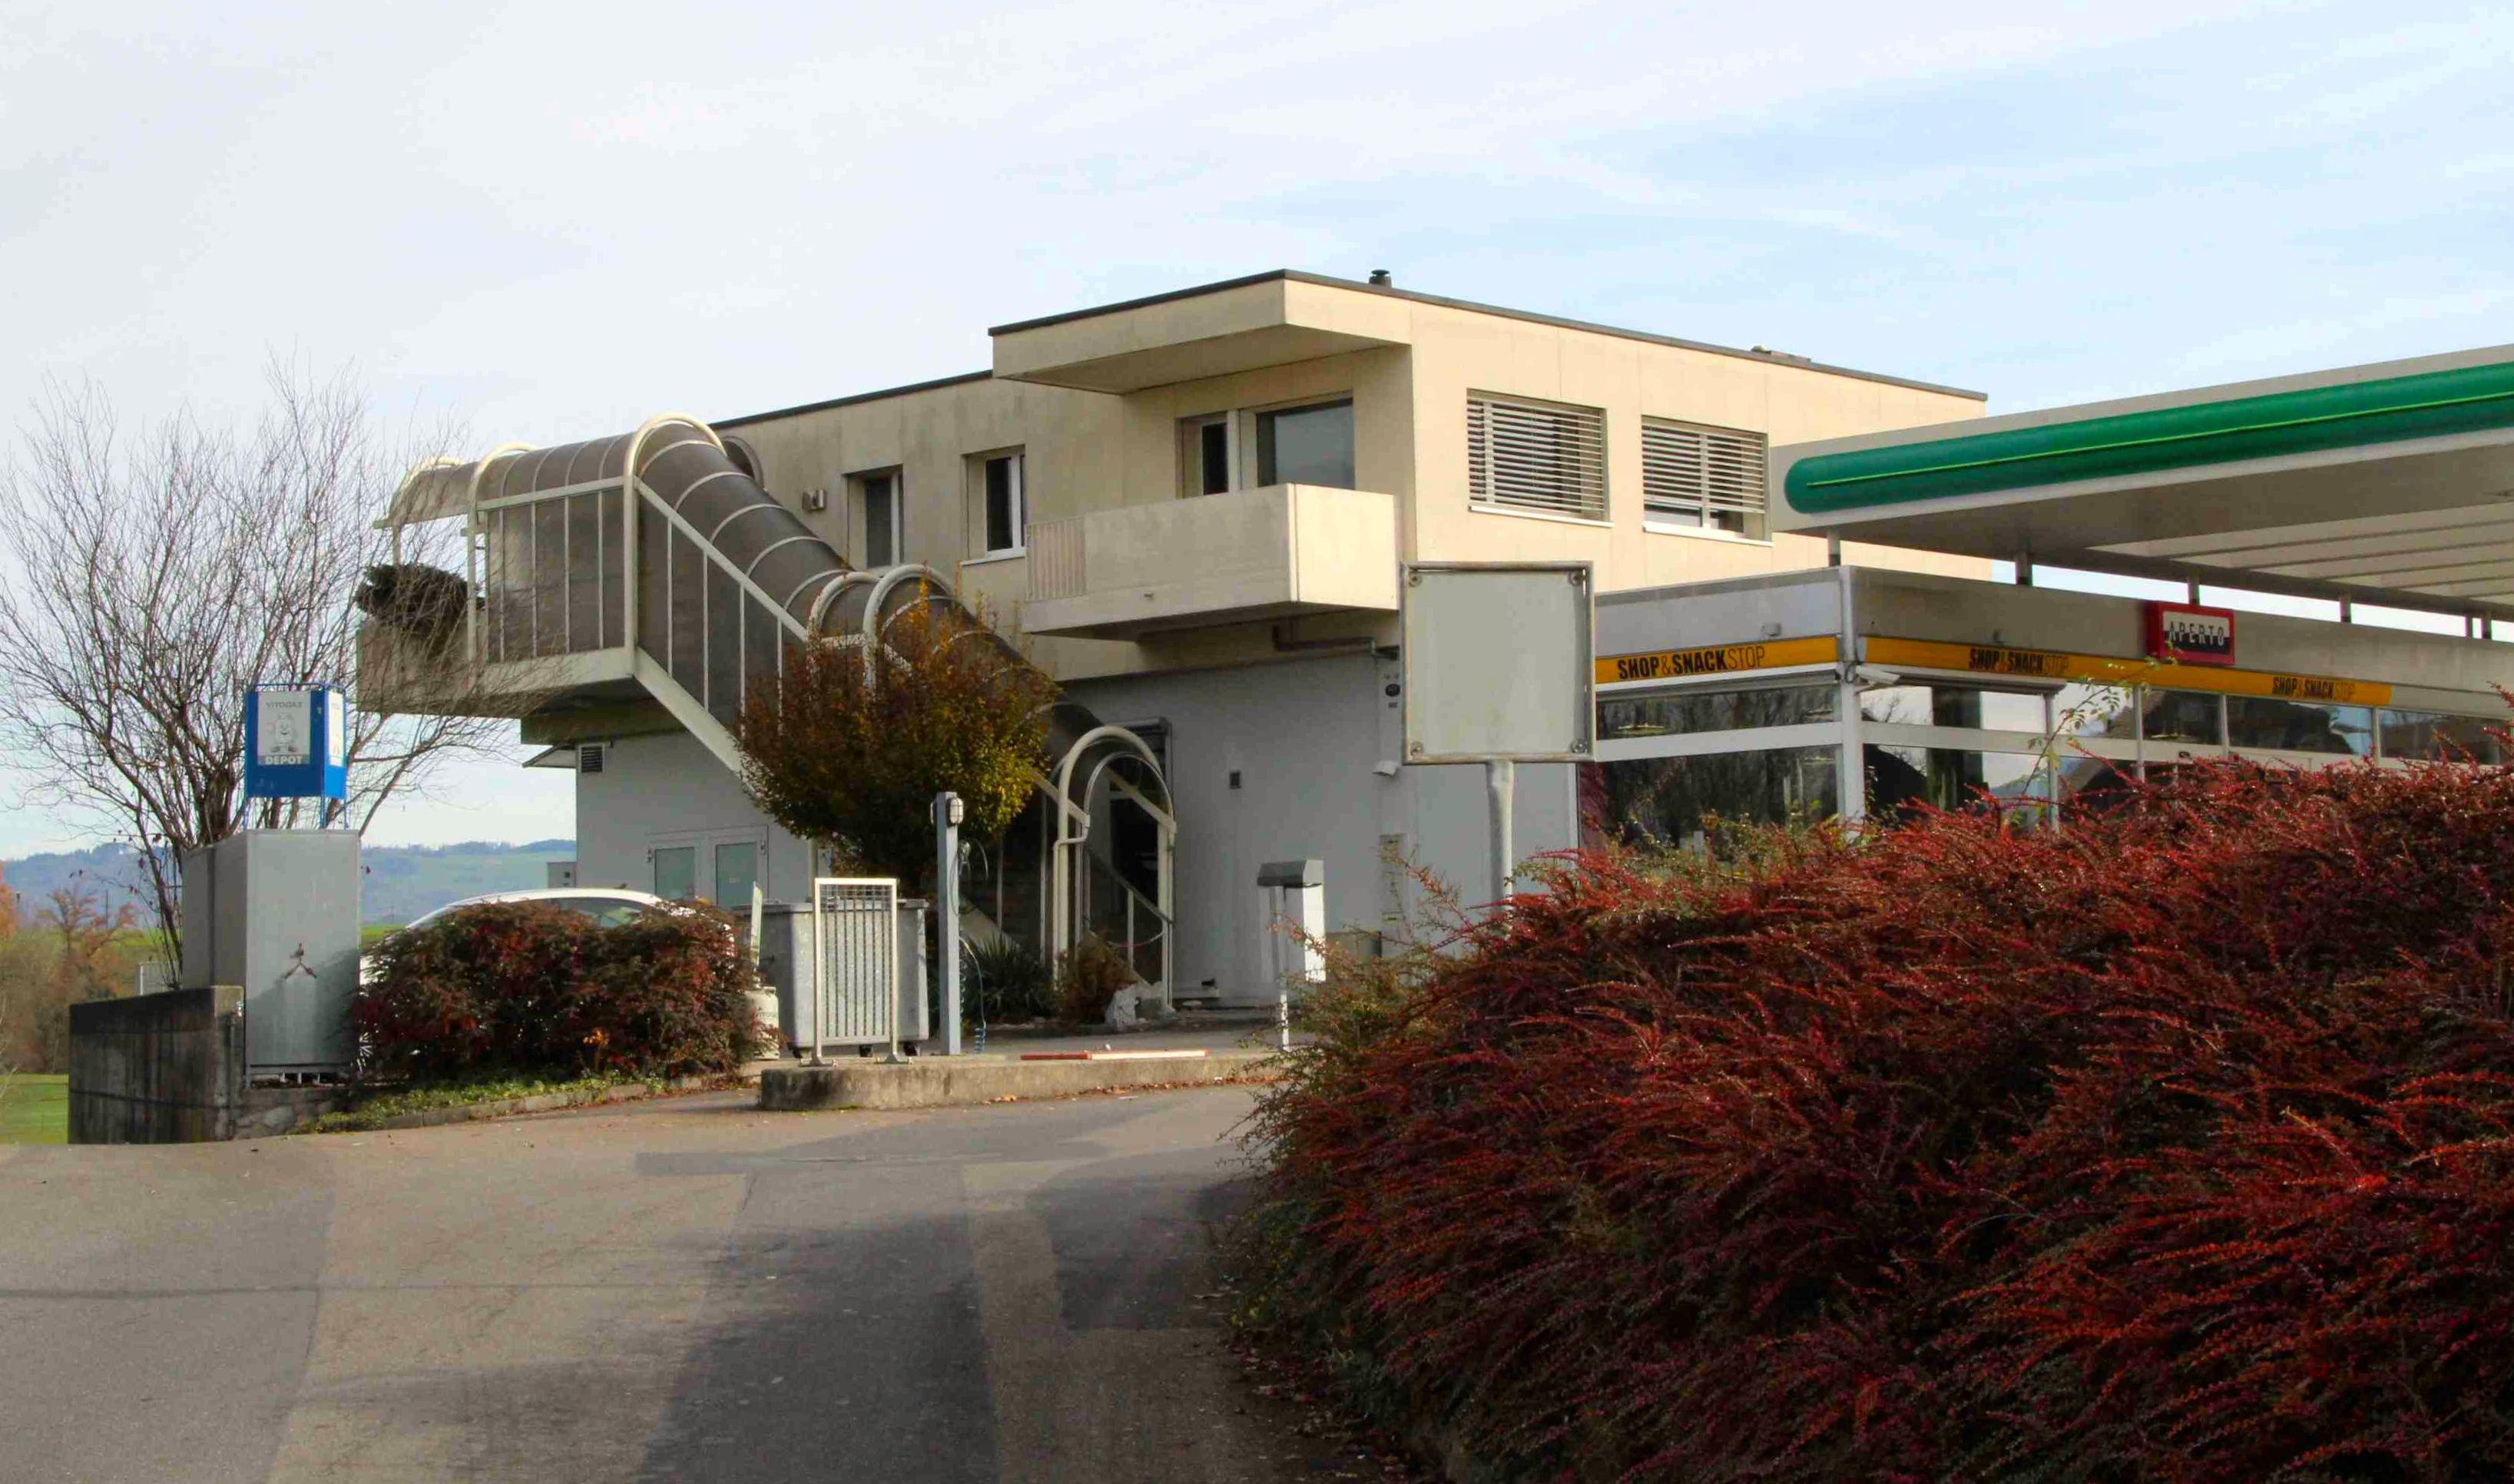 In diesem Teil der Liegenschaft wohnt der Garagenbesitzer mit seiner Frau.